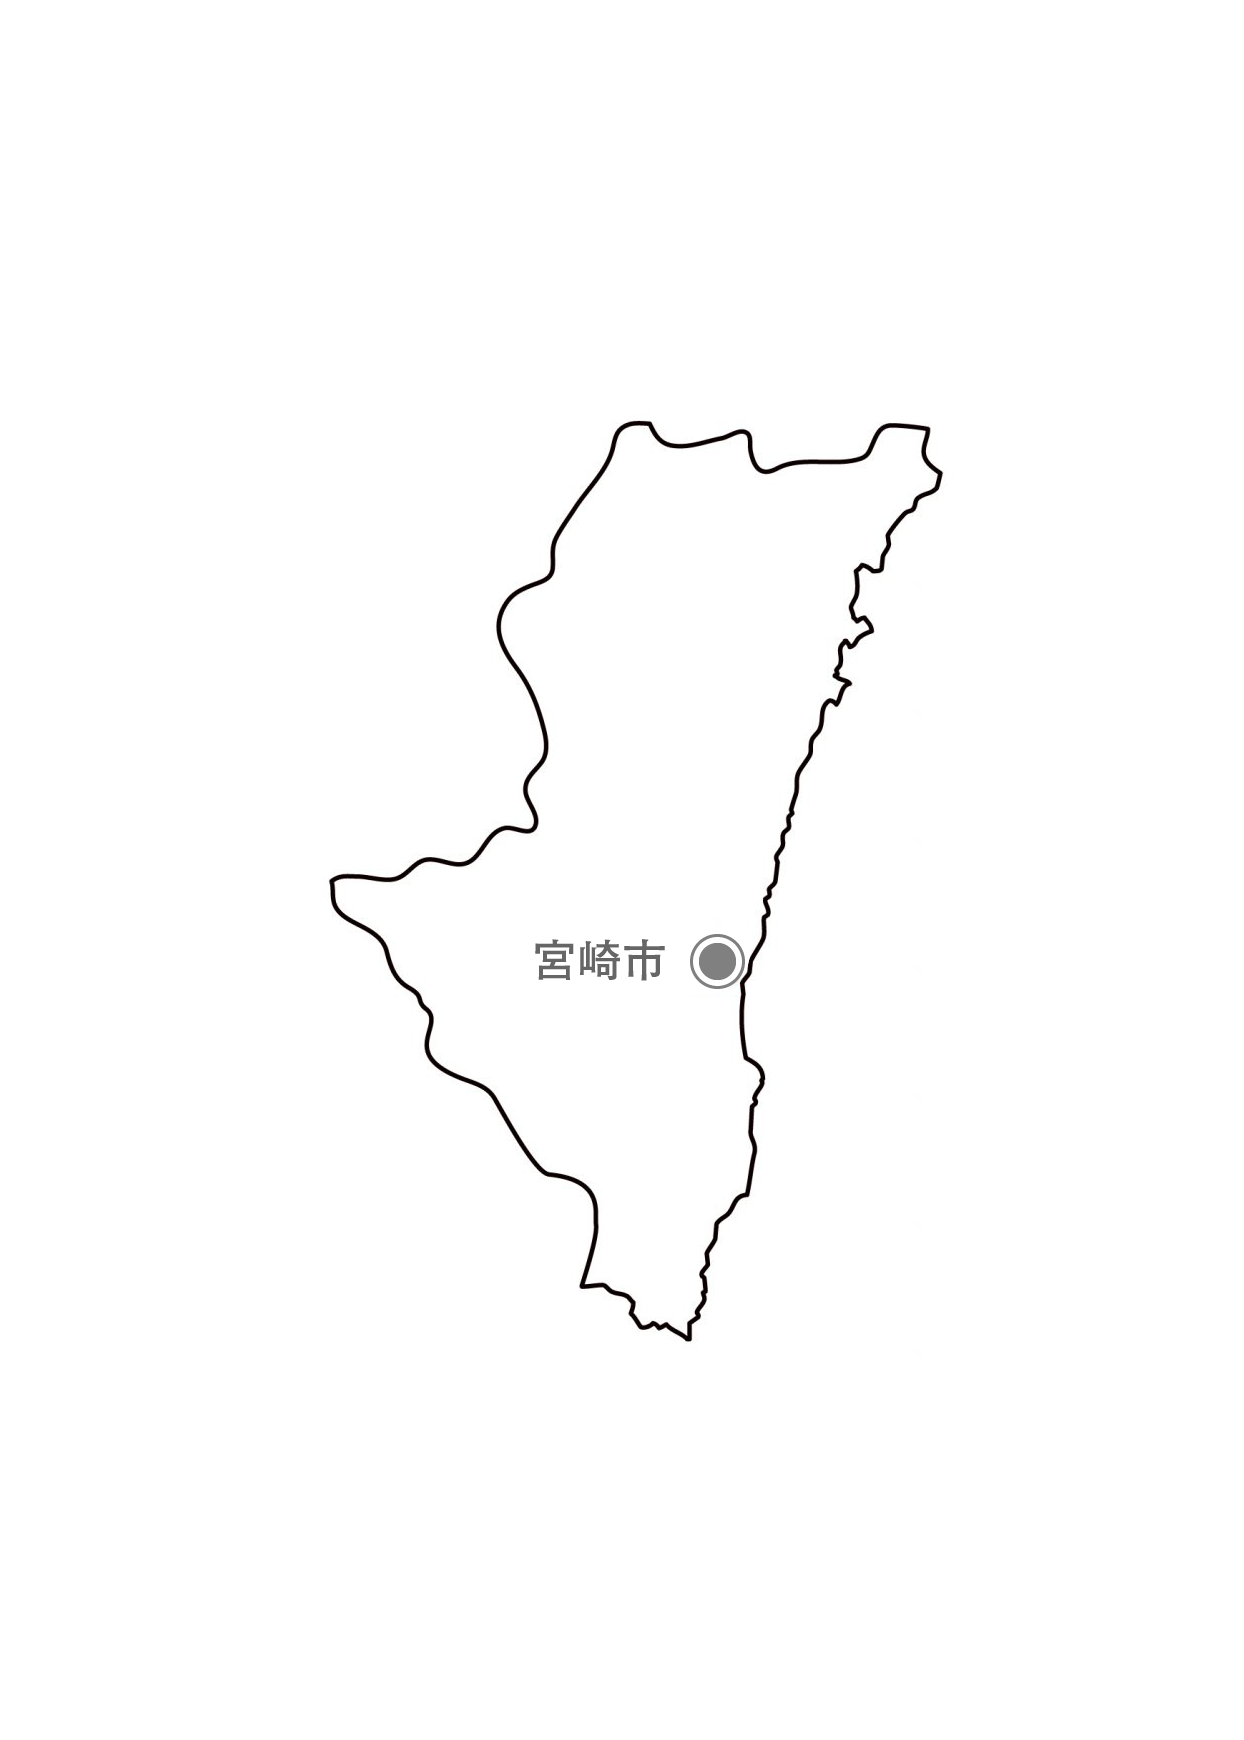 [白地図]宮崎県・都道府県名・県庁所在地あり